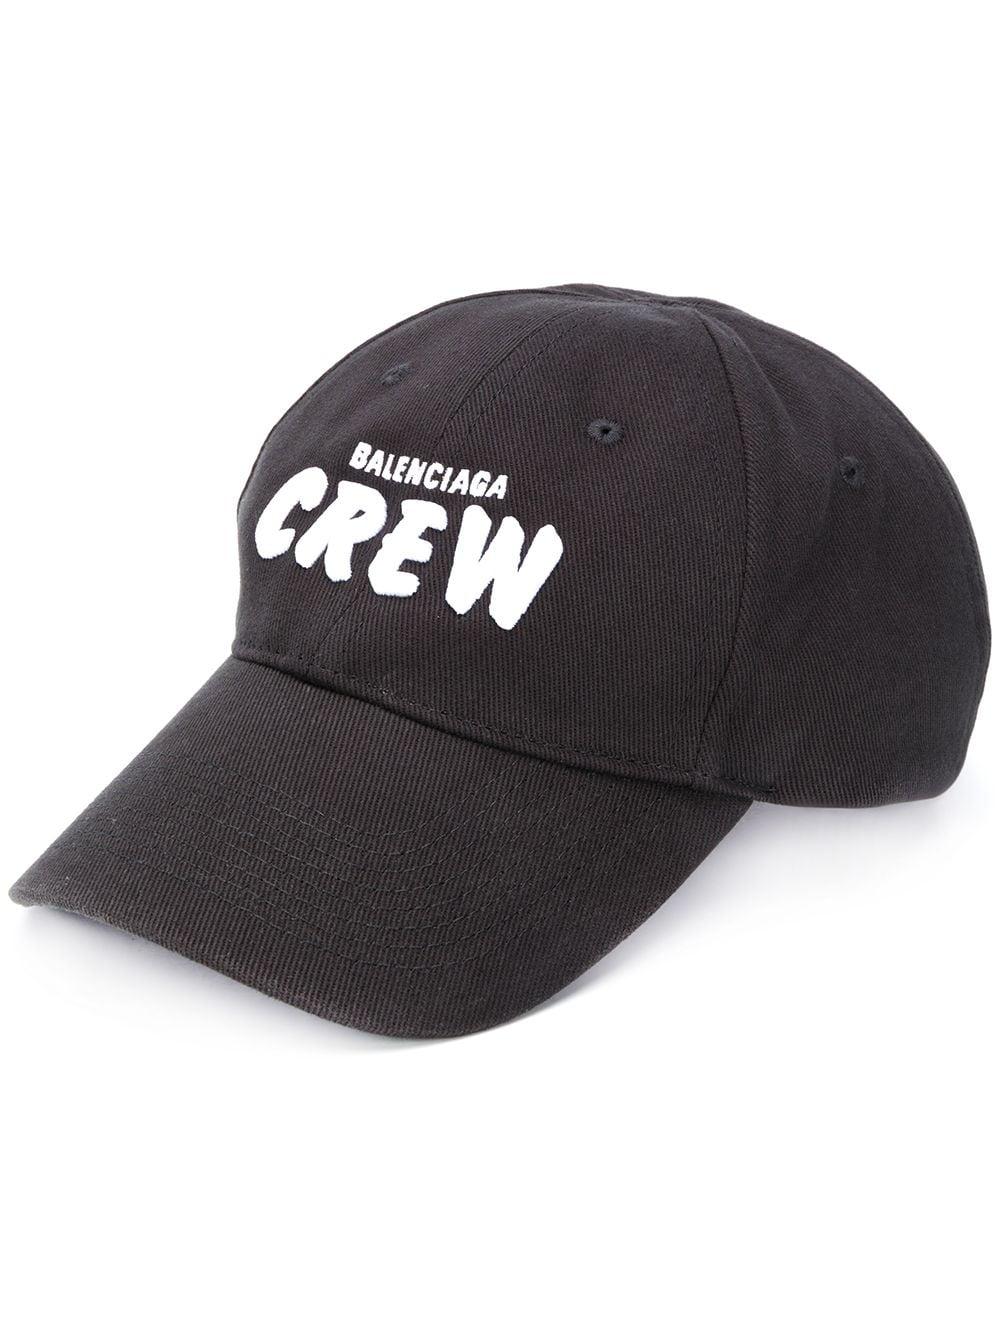 Picture of Balenciaga | Crew Embroidered Logo Cap